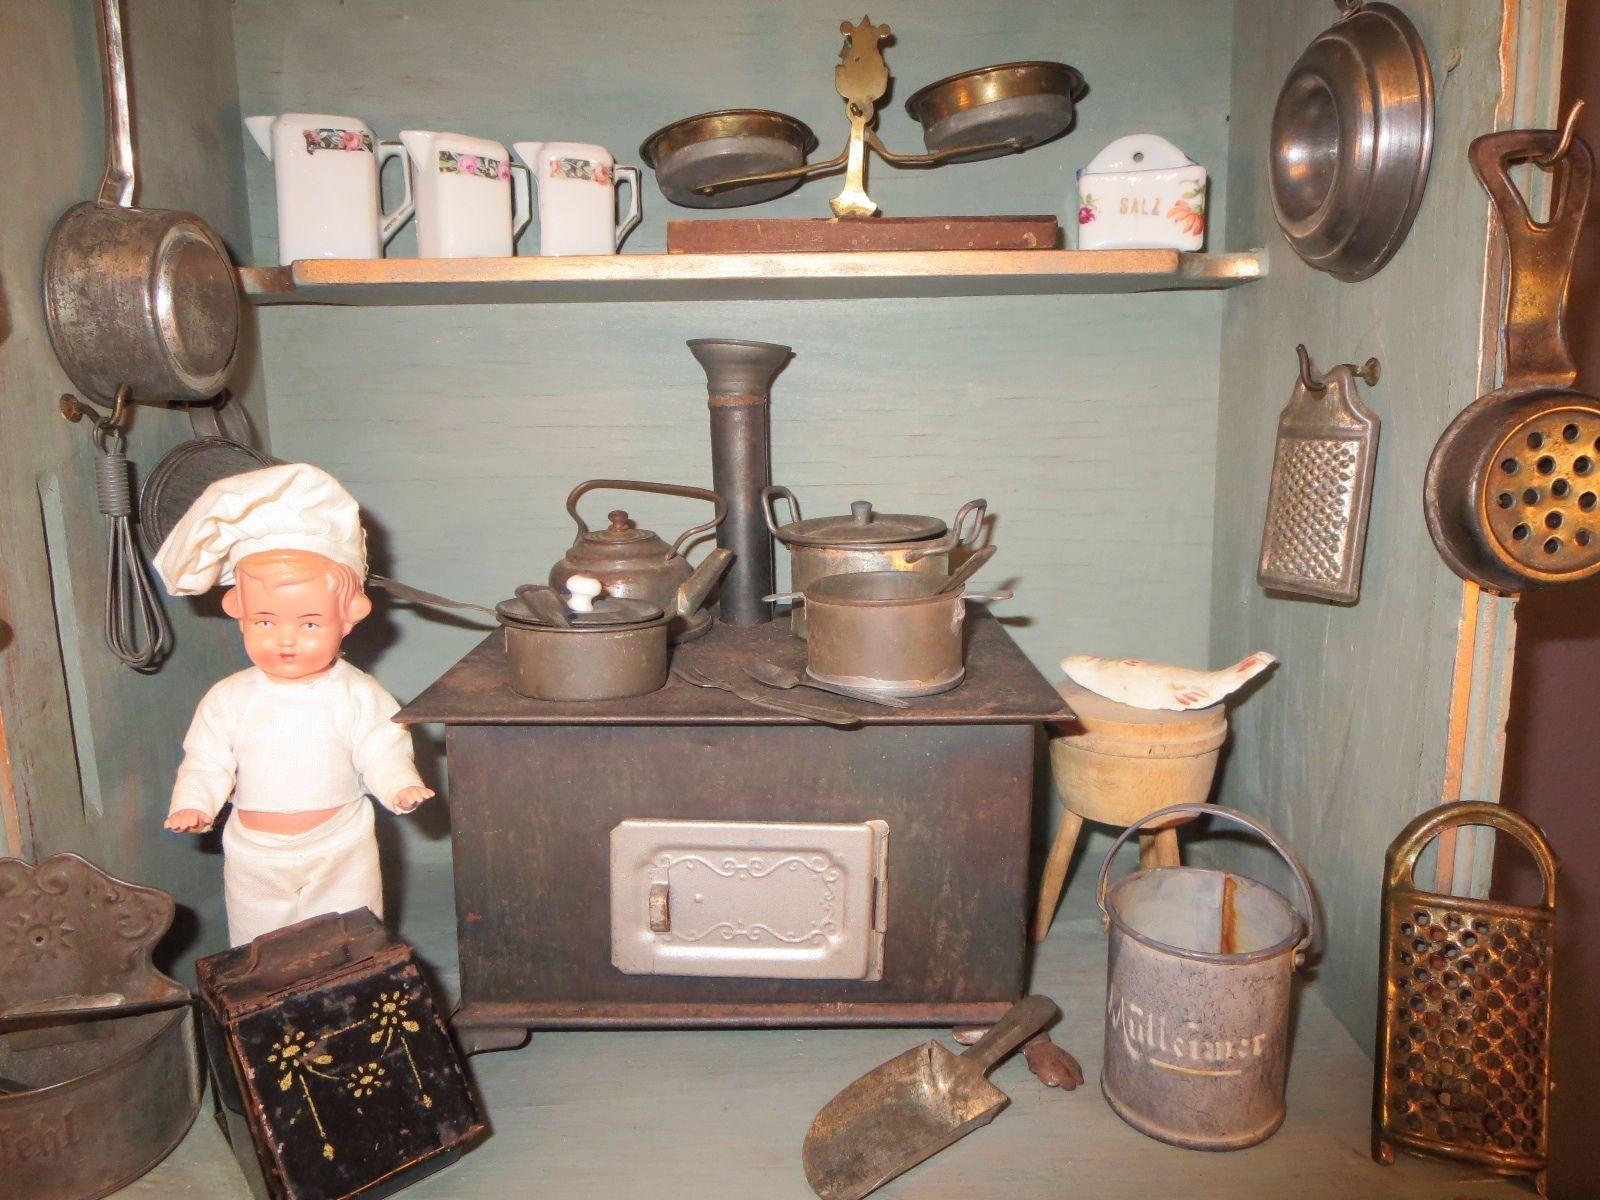 Nett Amerikanisches Retro Küchenzubehör Uk Fotos - Ideen Für Die ...